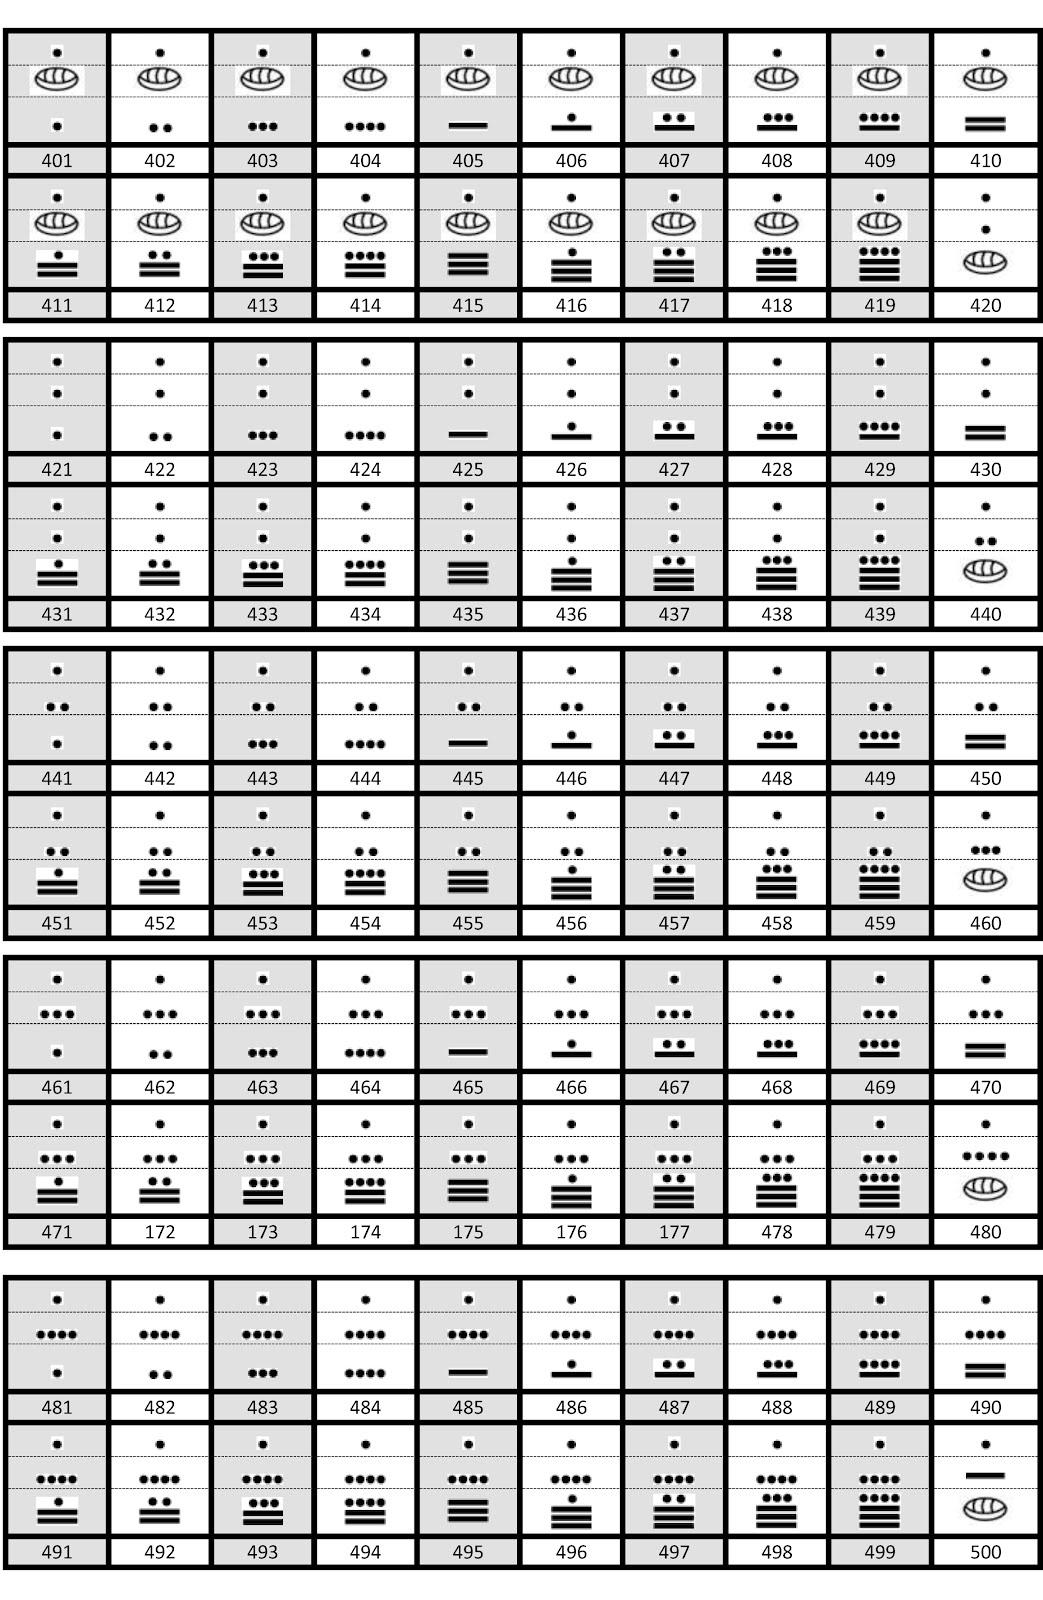 NUMEROS+MAYAS+DEL+1+AL+500-5.jpg